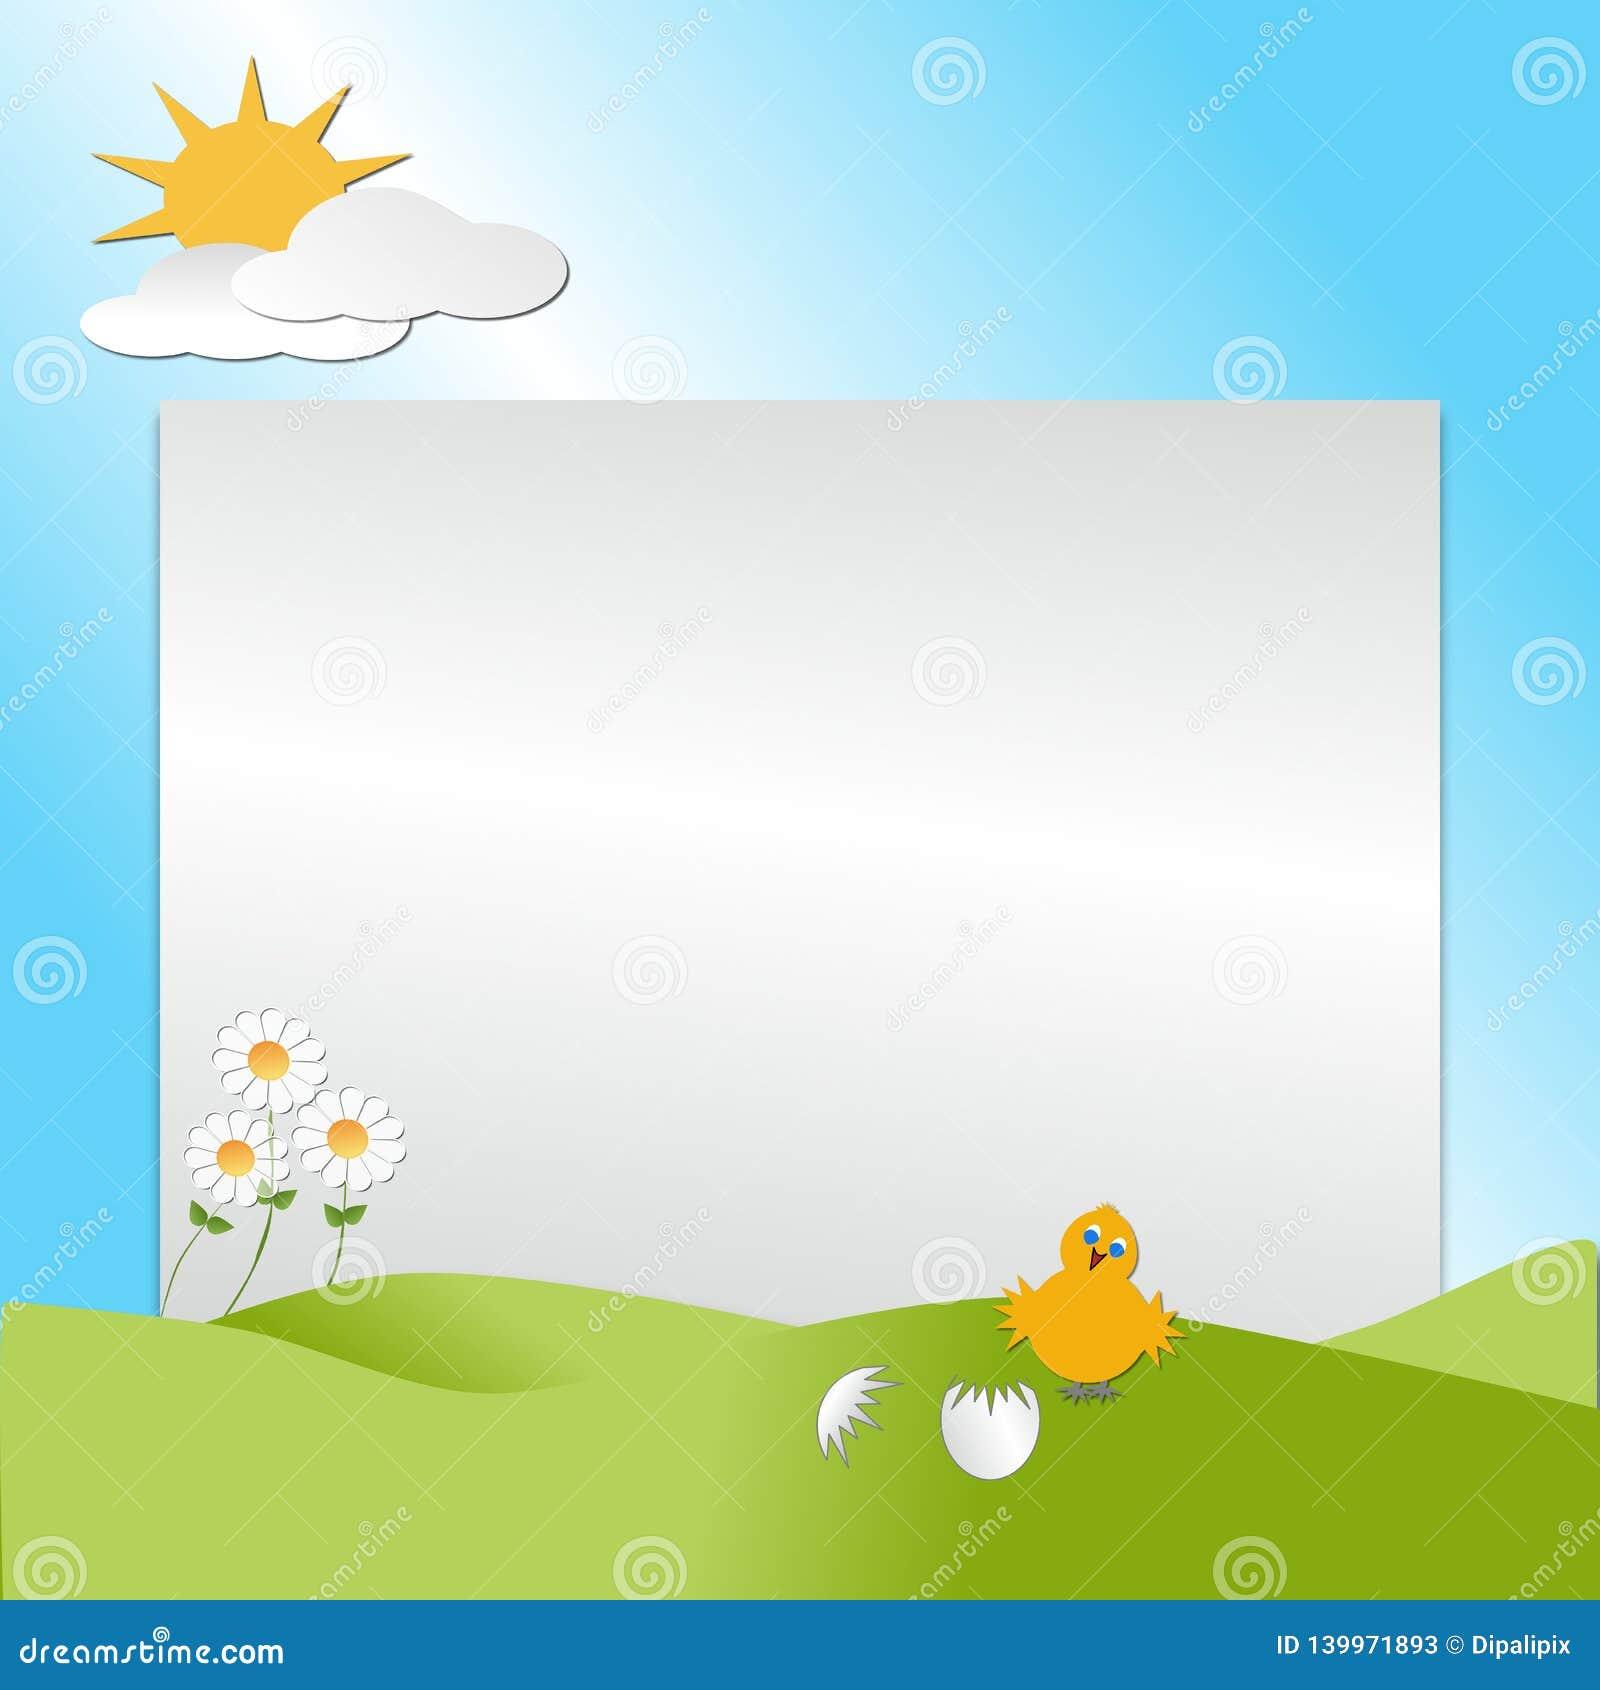 Pássaro que choca de um ovo com montes, sol, nuvens que descrevem uma cena da estação de mola